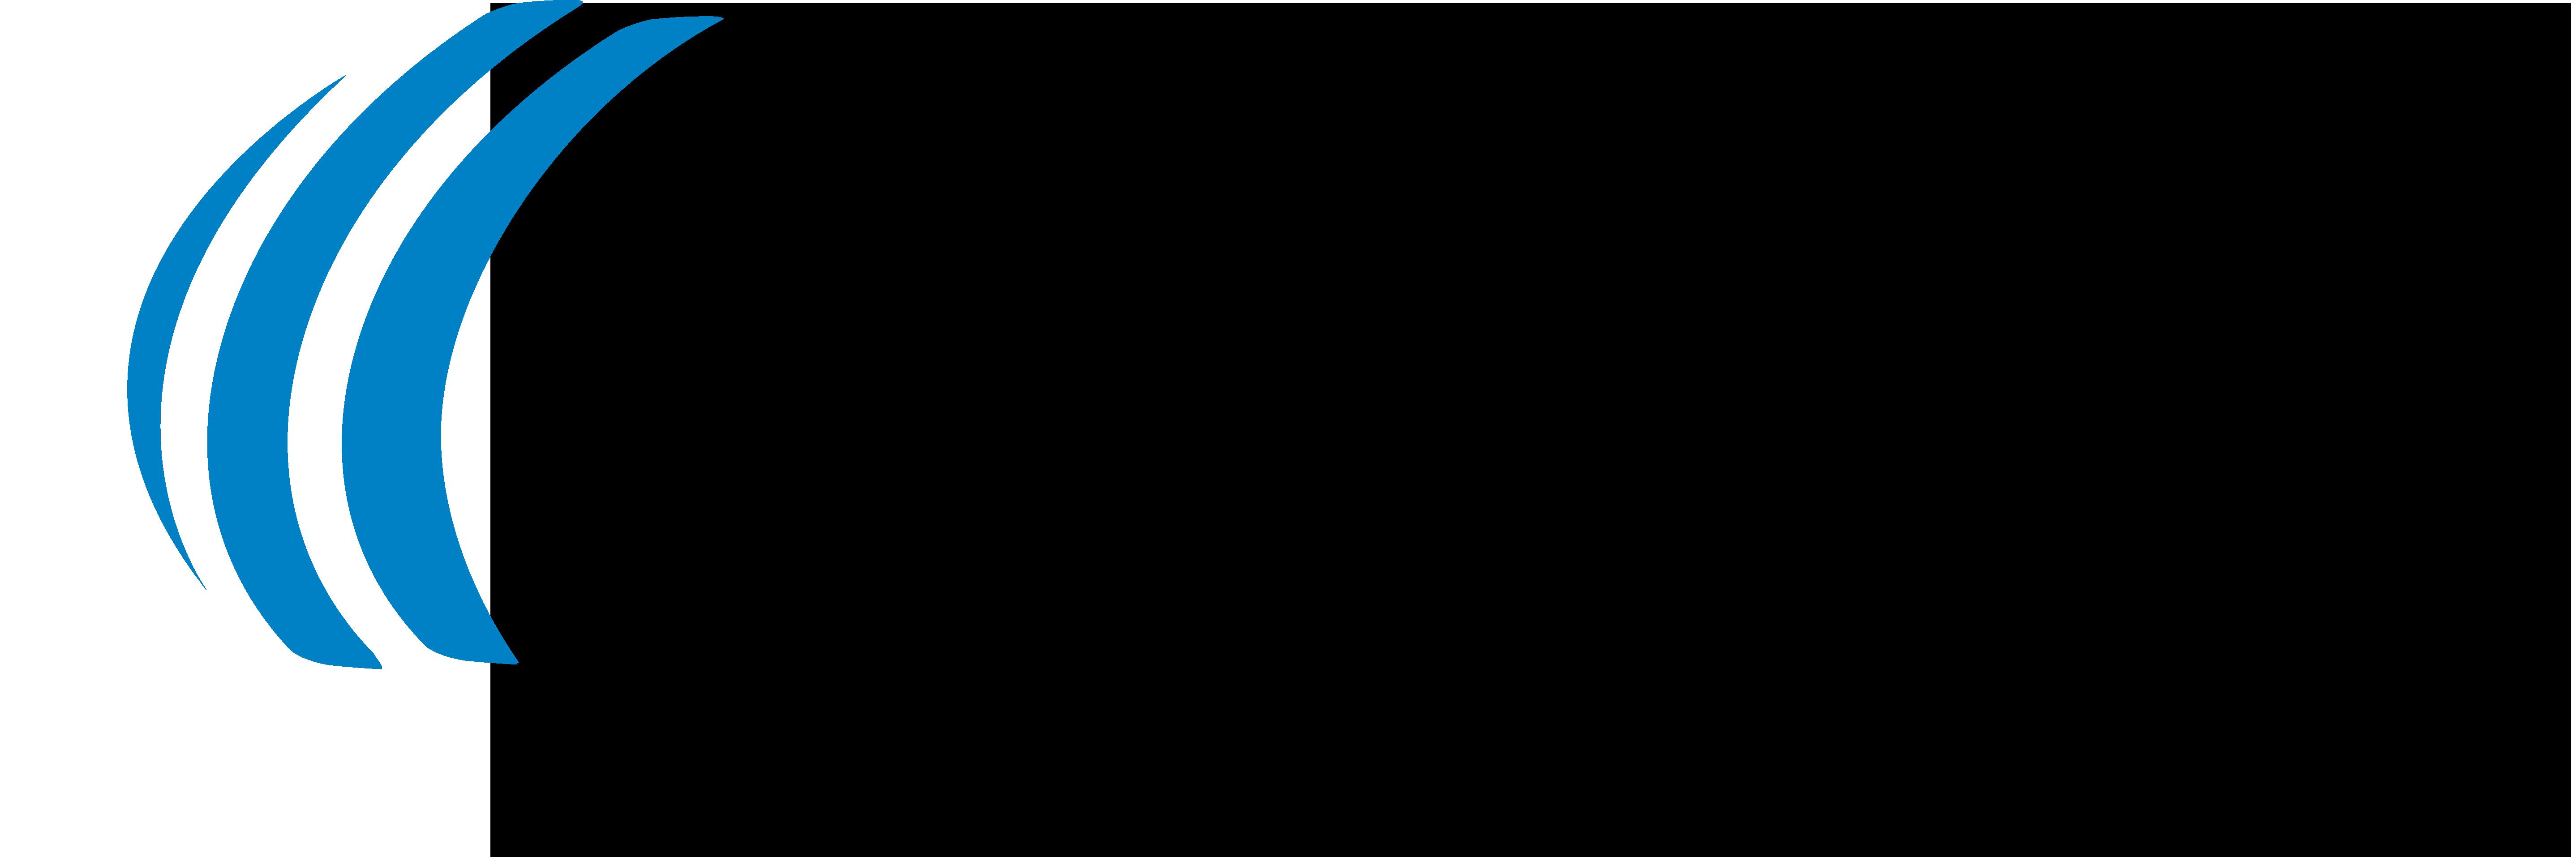 gpb_radio_logo